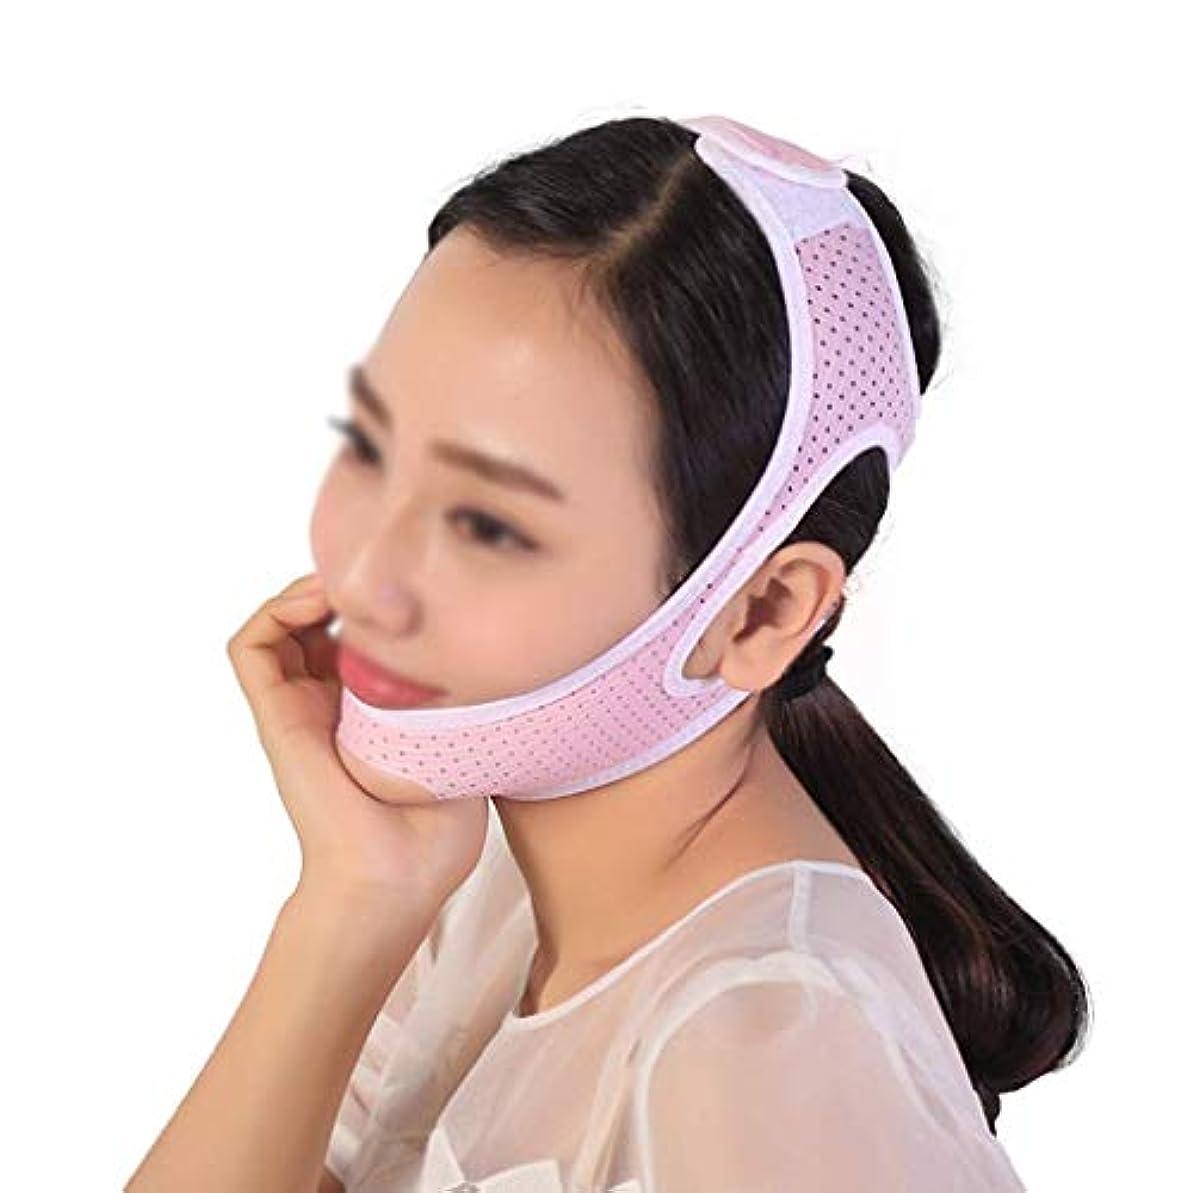 前任者スクラブシェアフェイスリフトマスク、顔の皮膚の首のあごのラインを改善、リフトフェイス、細い頬マスク、細いチンチーク細いV(ピンク)(サイズ:M),L